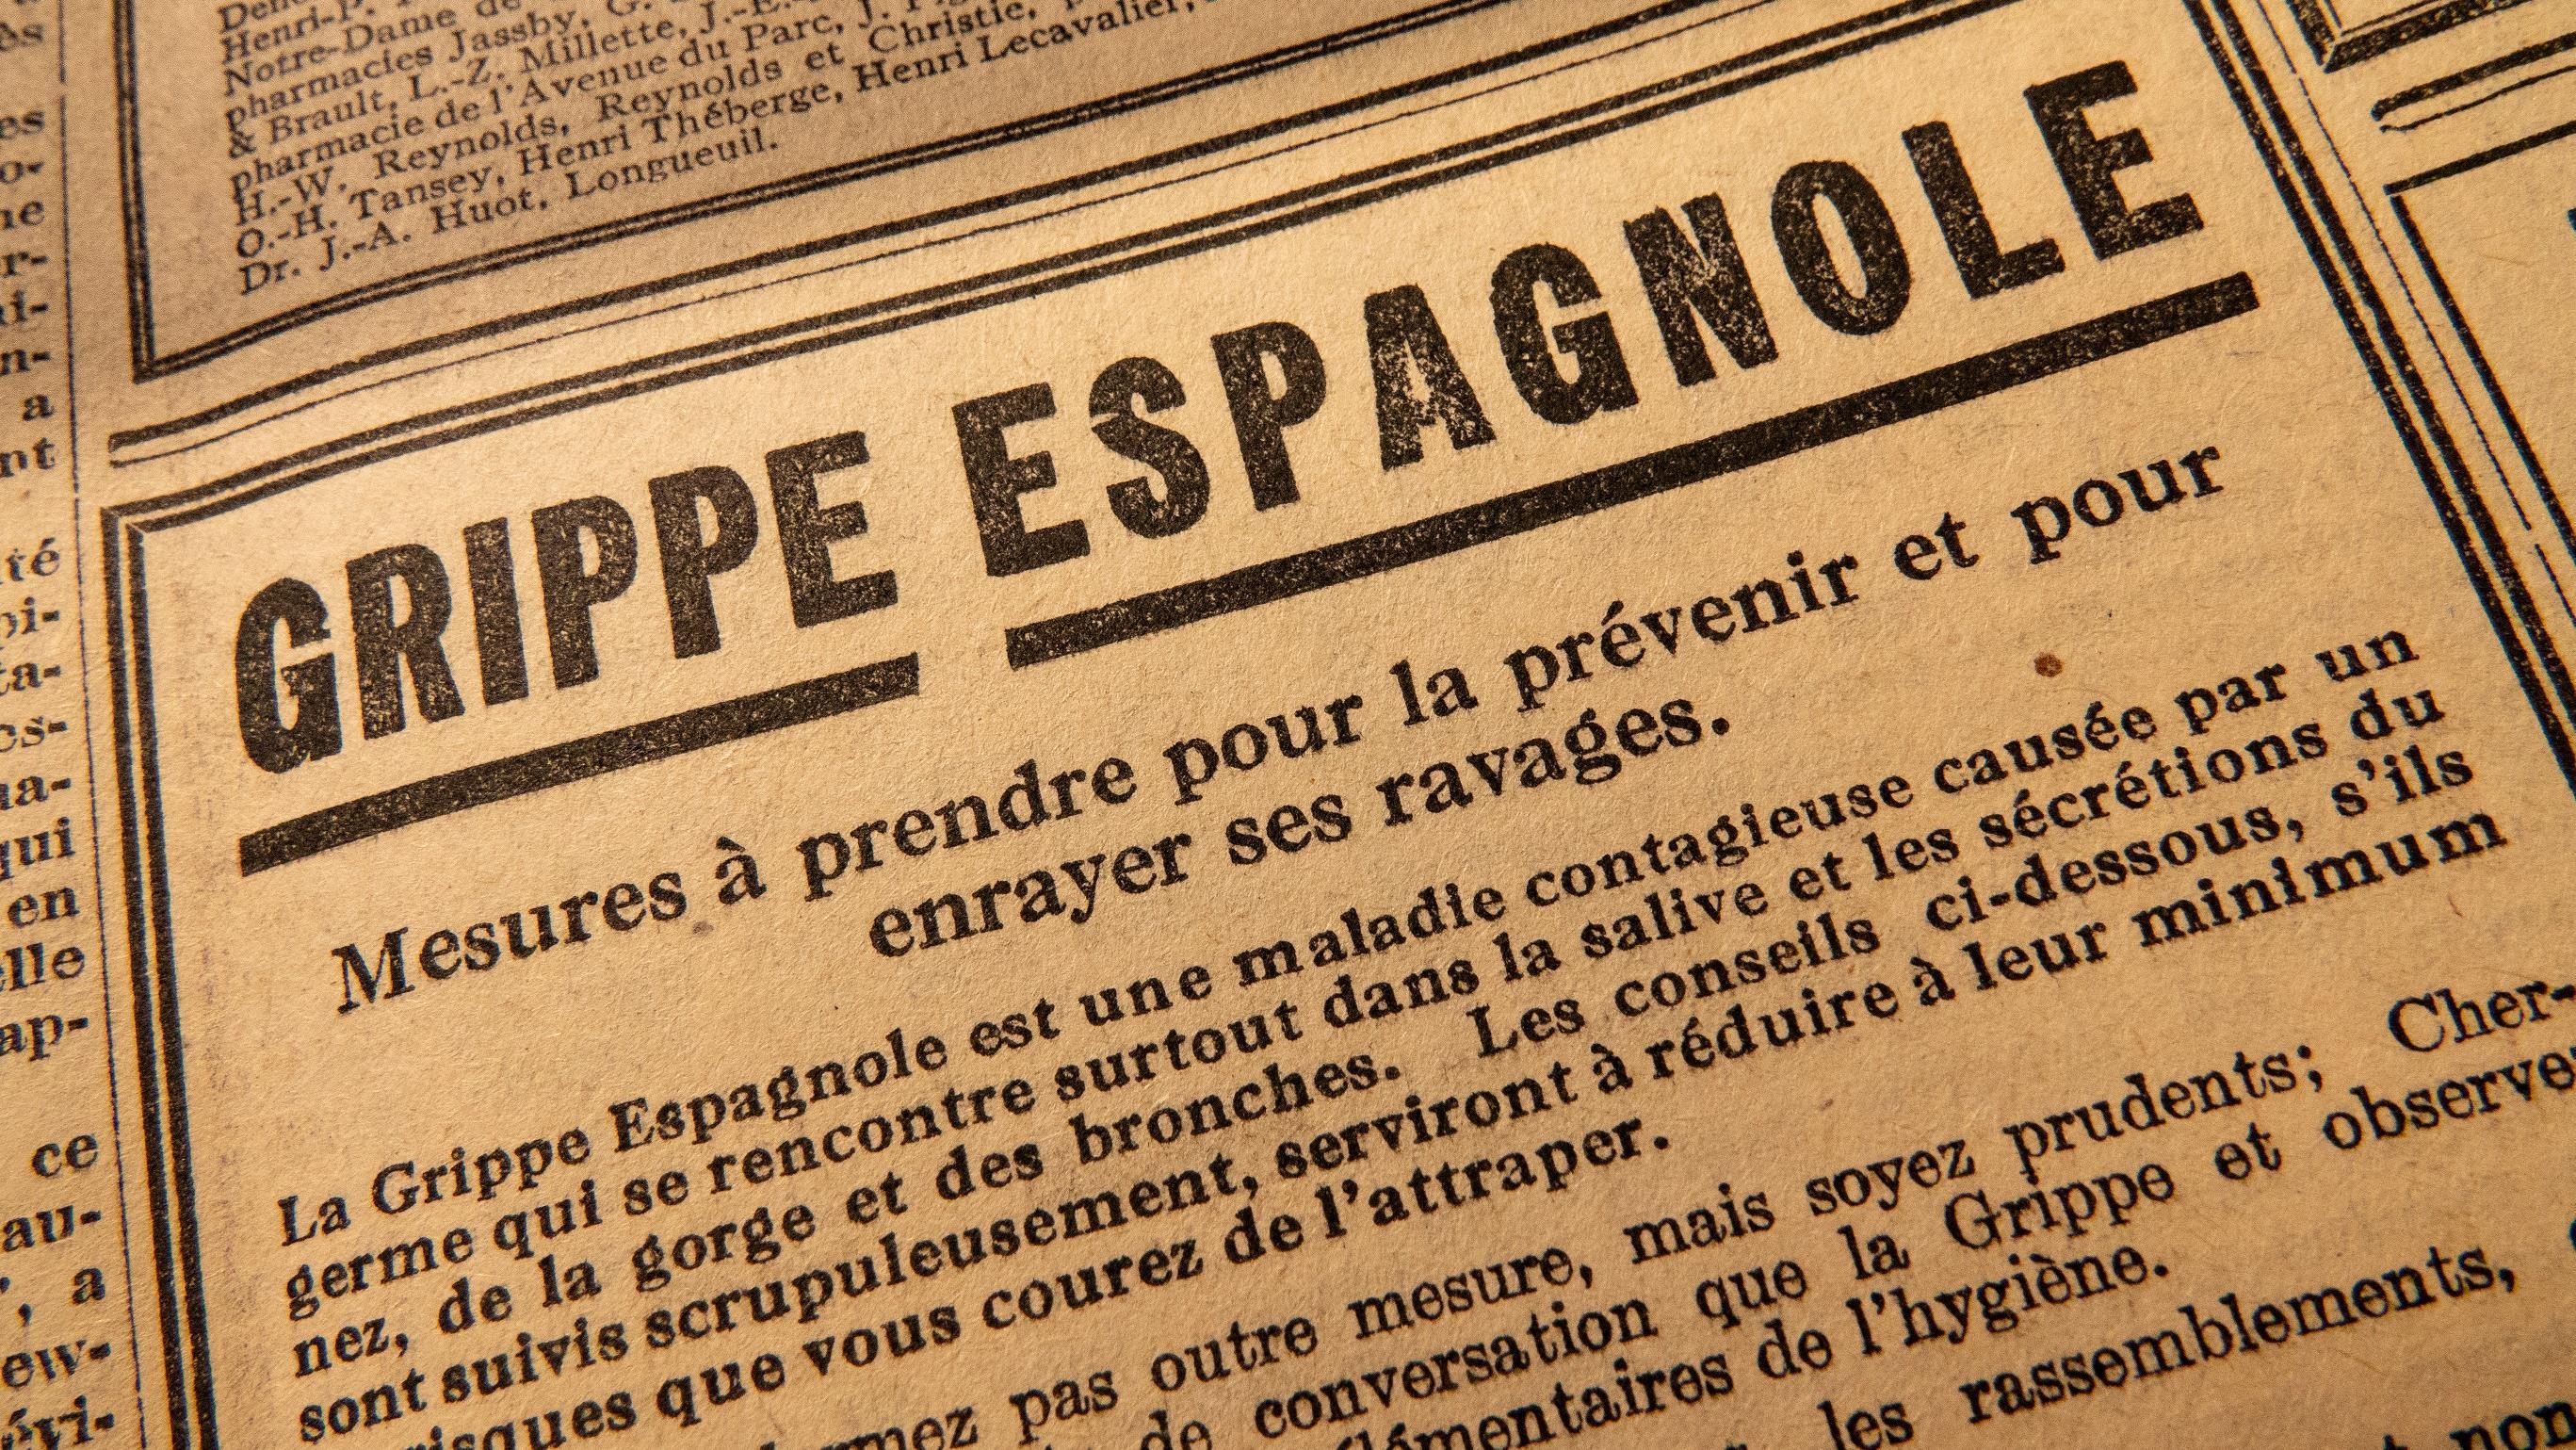 Un avertissement contre la grippe espagnole dans un journal montréalais de 1919 Photo : Radio-Canada/Martin Thibault